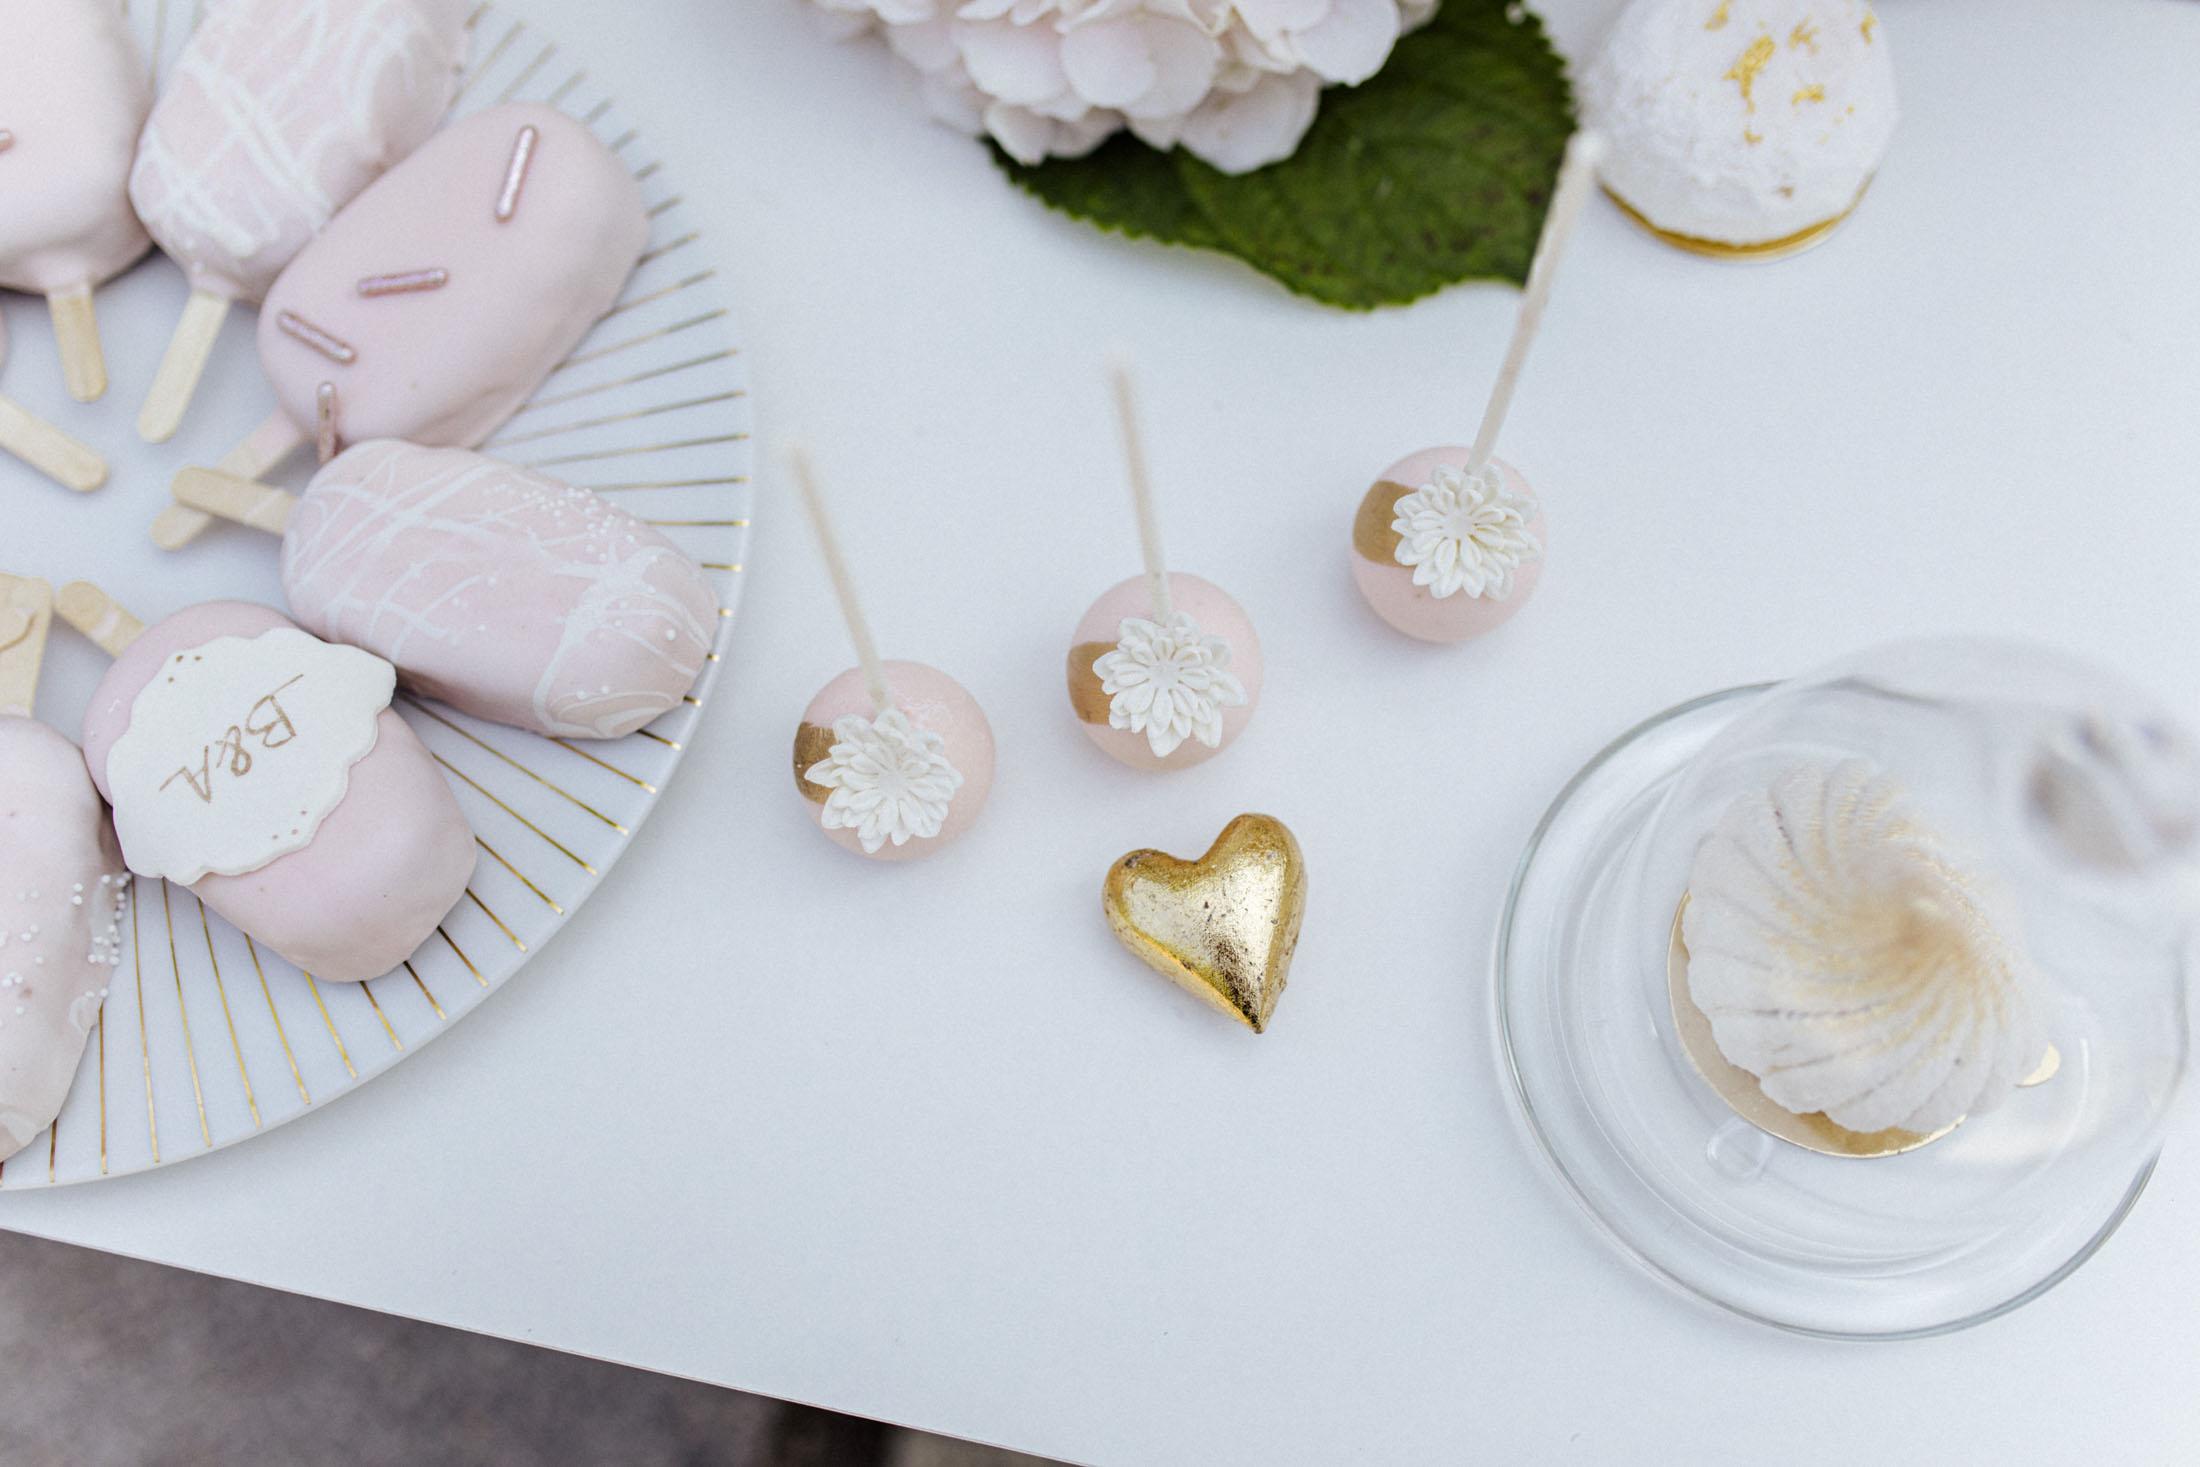 Tortenmehr – Hochzeitstorten & Co